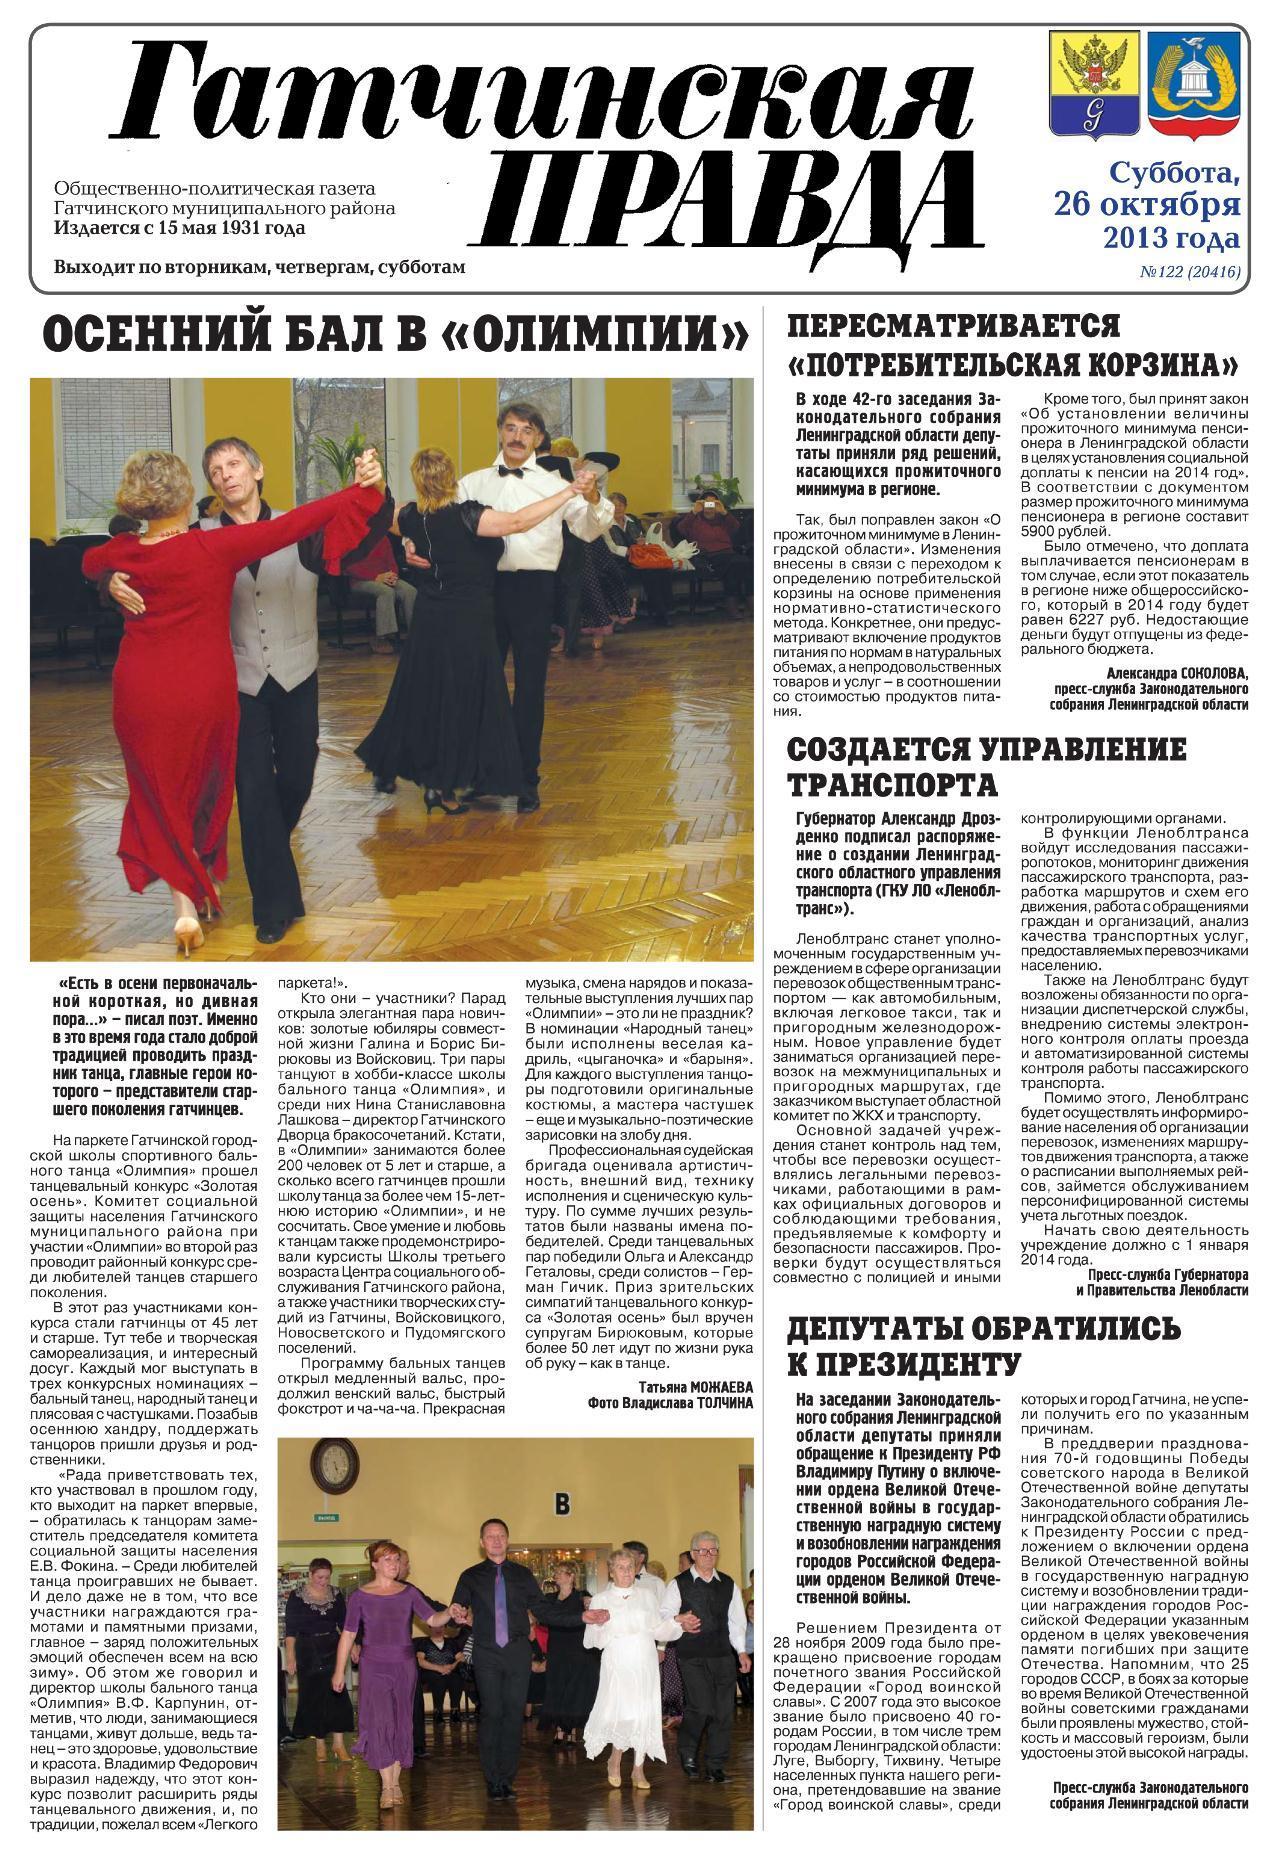 Гатчинская правда №122 от 26 октября 2013 года